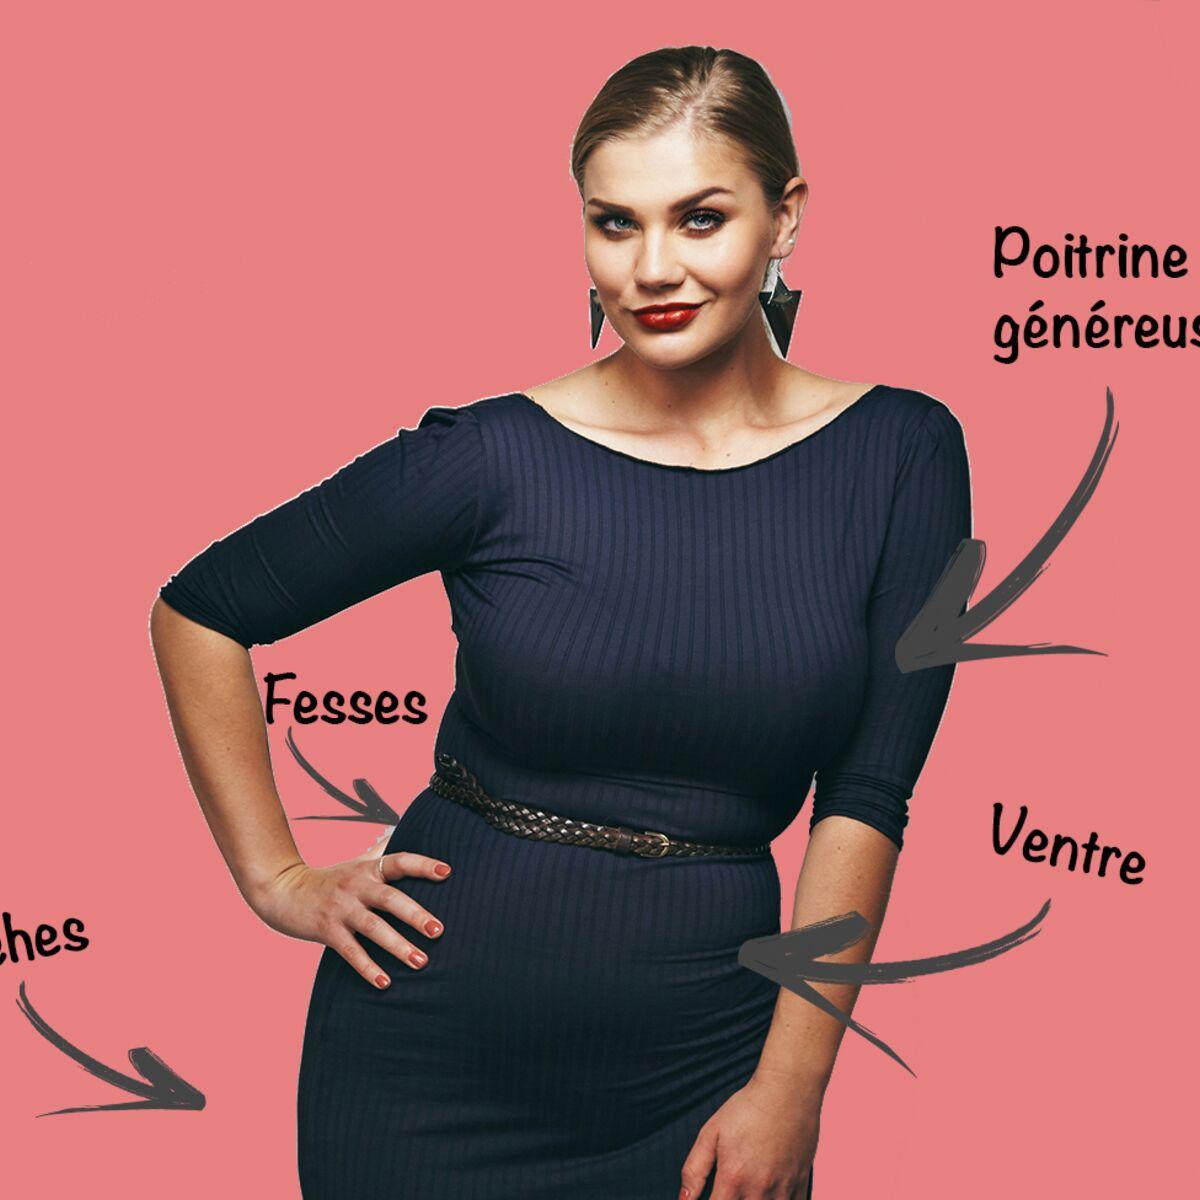 Mode ronde : 5 astuces pour bien choisir vos vêtements selon